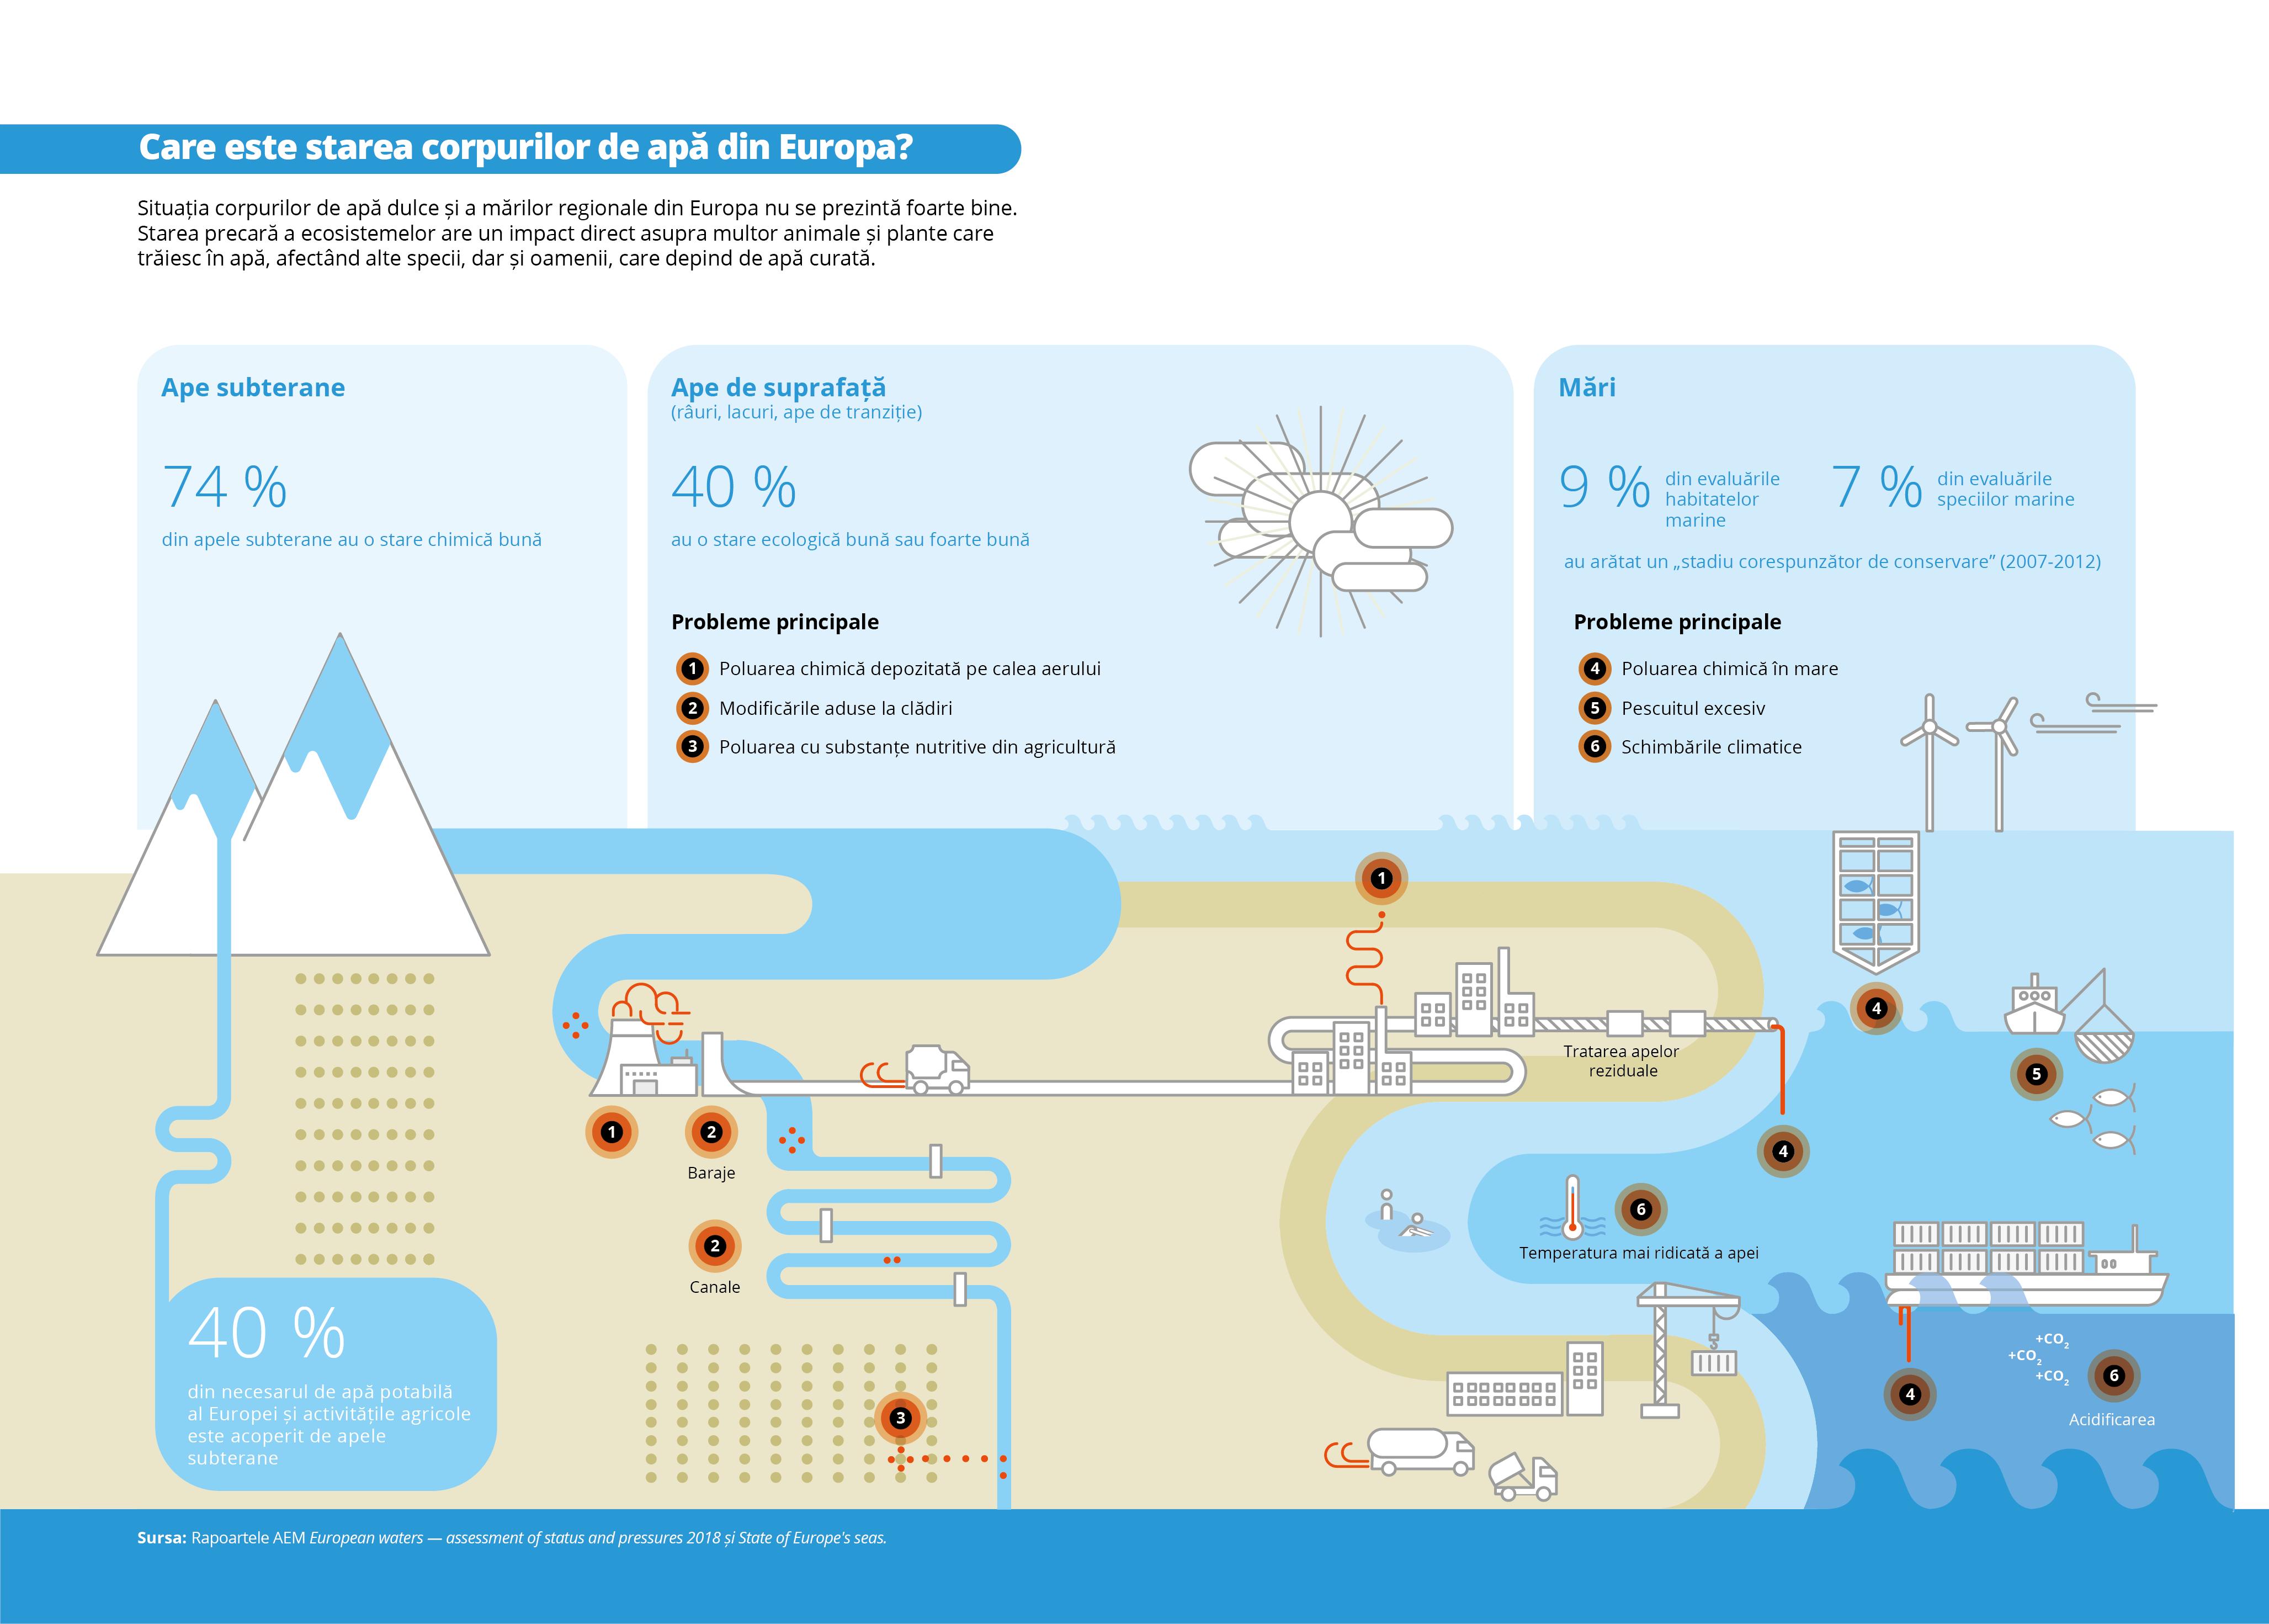 Care este starea corpurilor de apă din Europa?